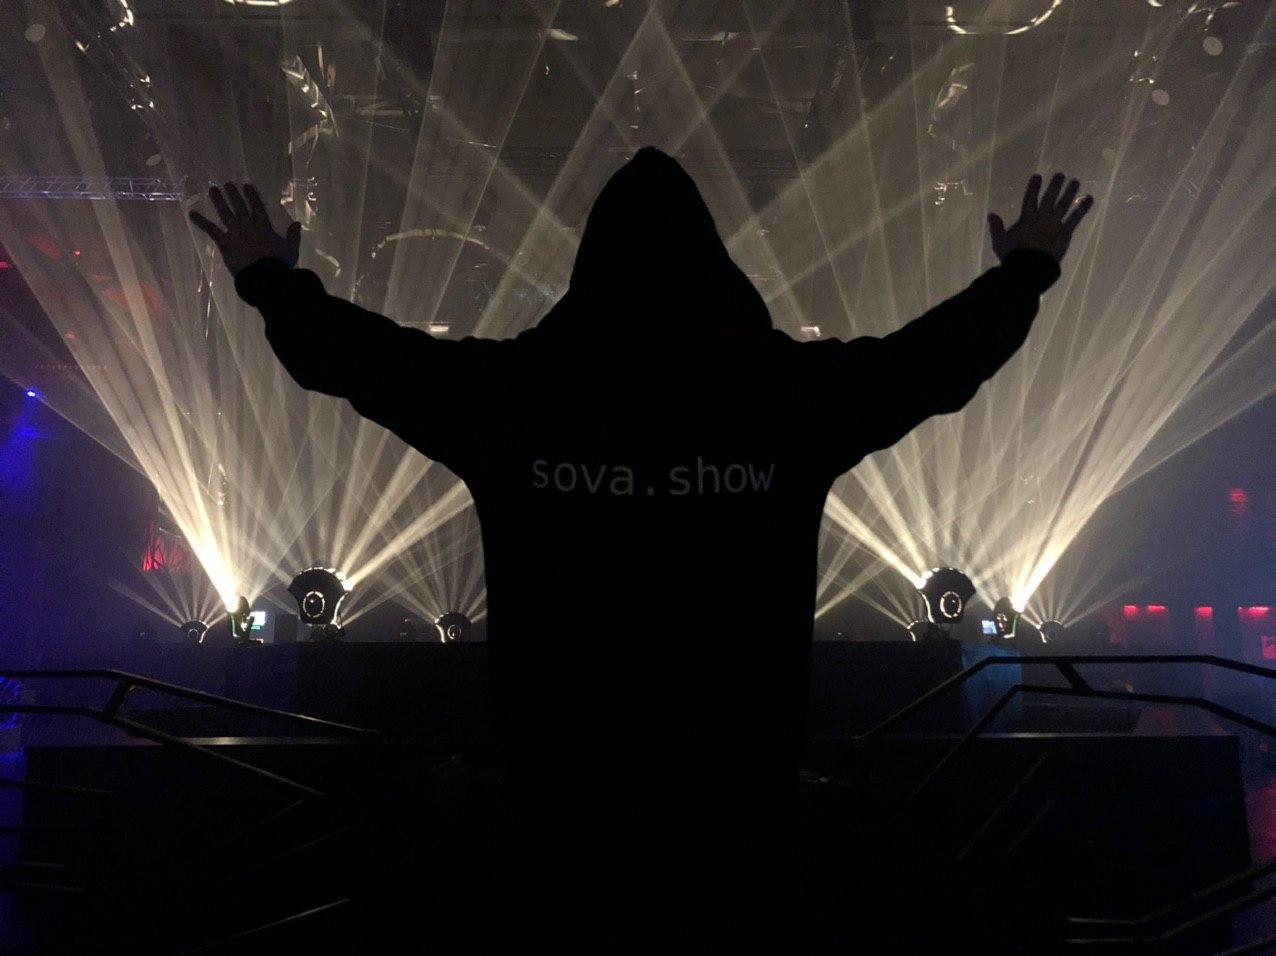 sova.show - техническая поддержка мероприятий